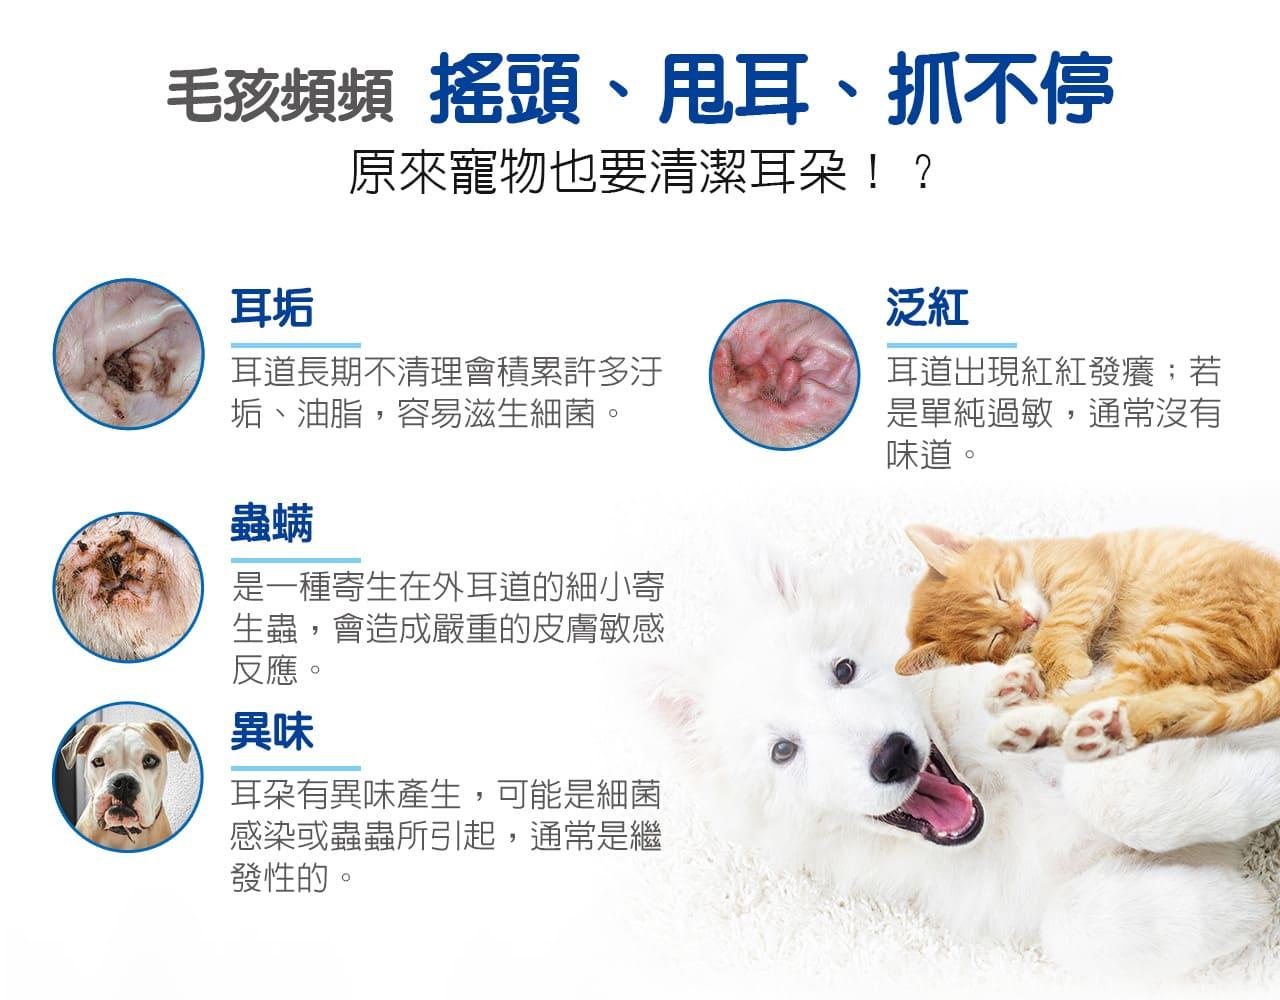 原來寵物也要清潔耳朵!?